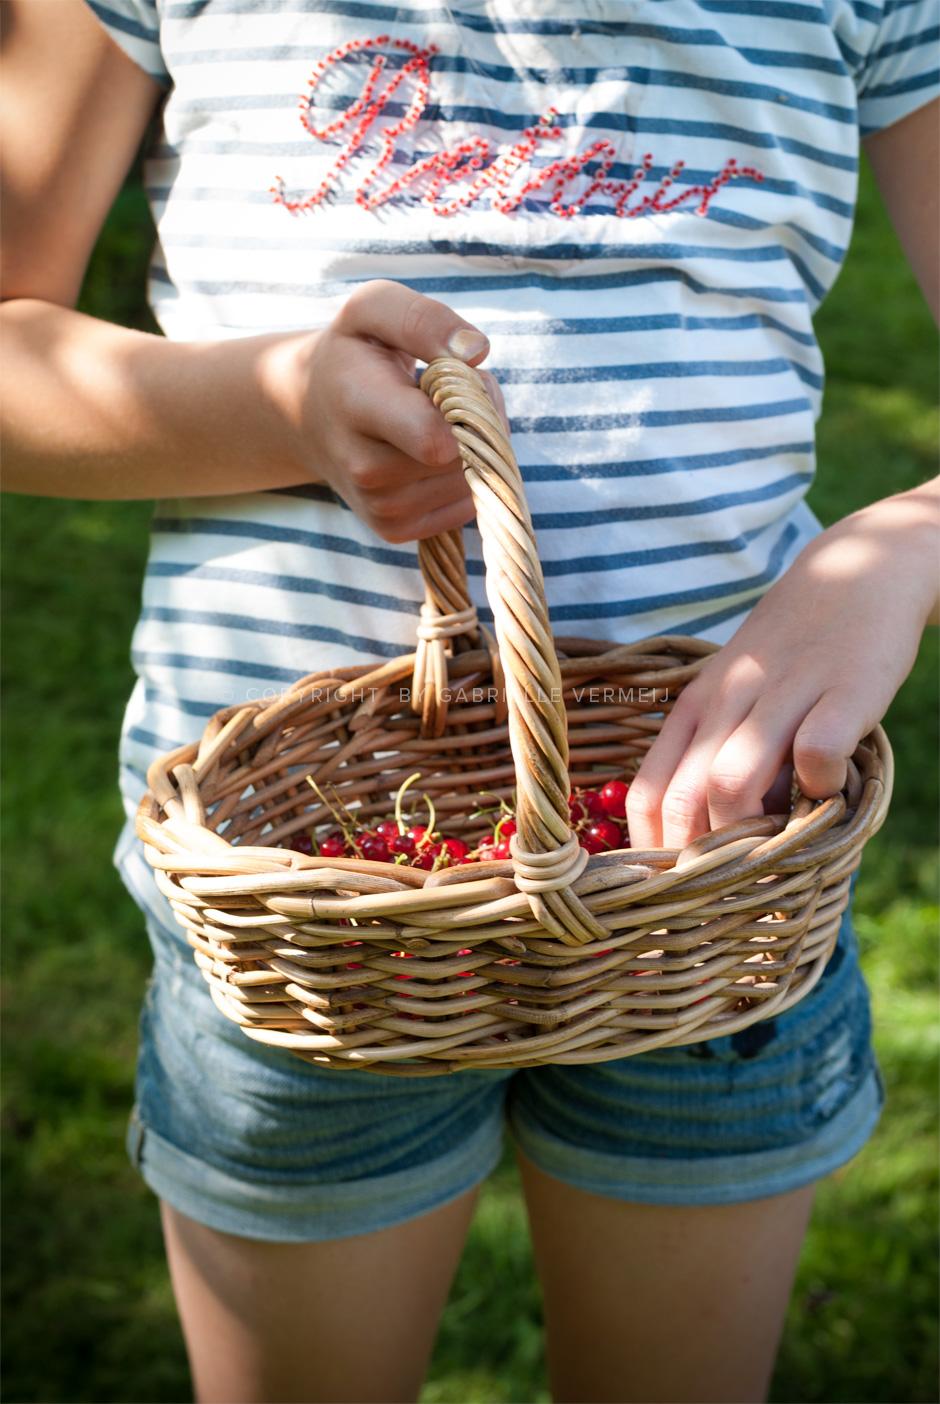 Gabrielle Vermeij_picking fresh red currants